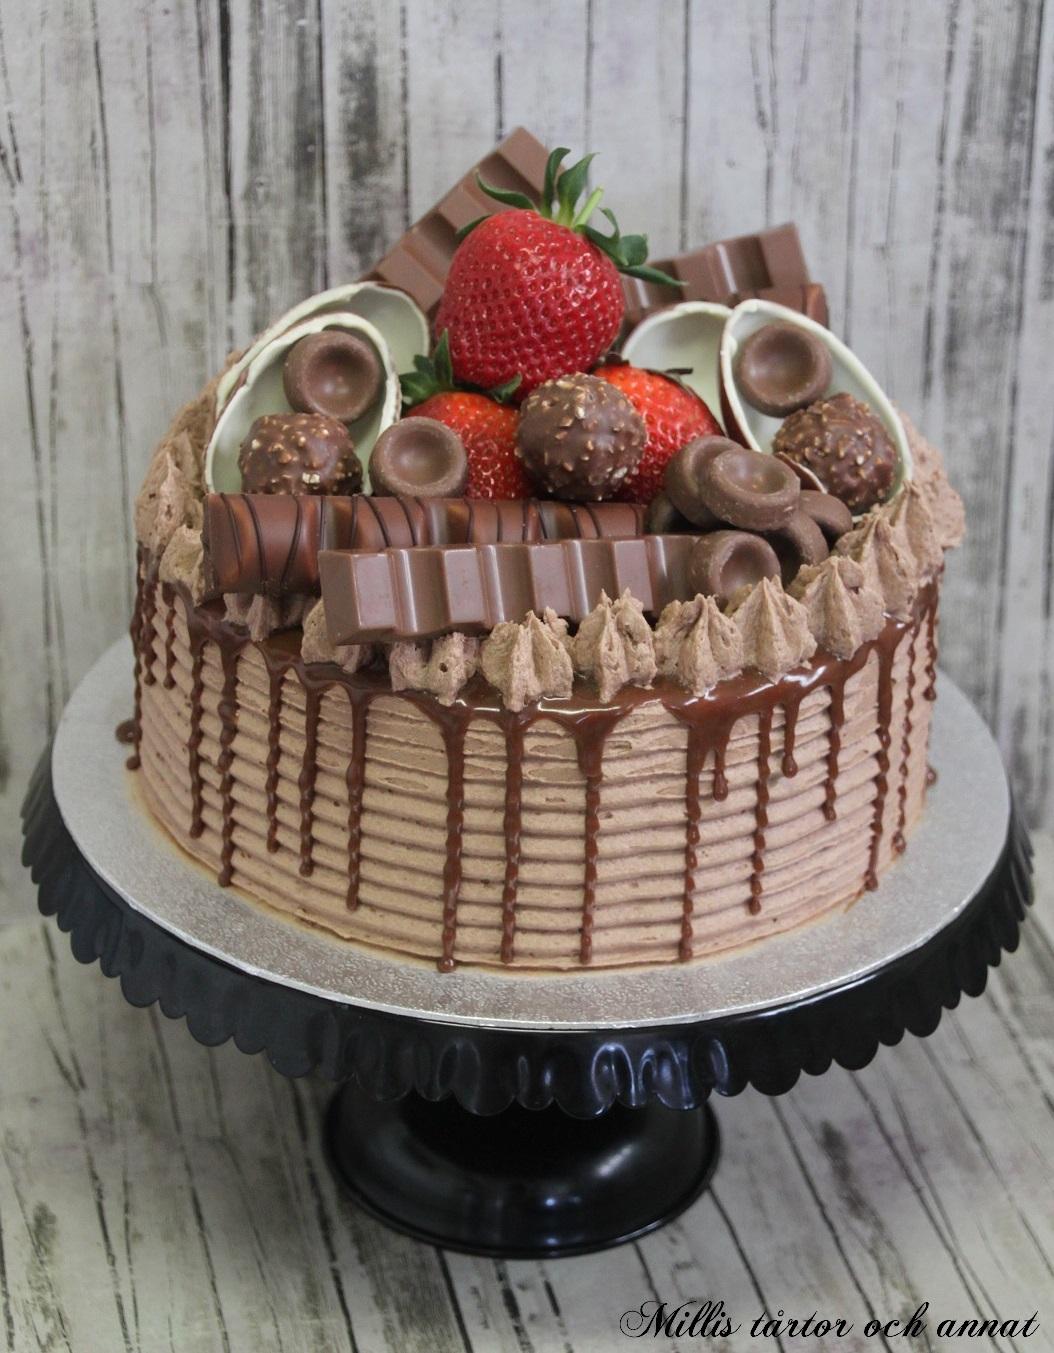 kinder tårta recept